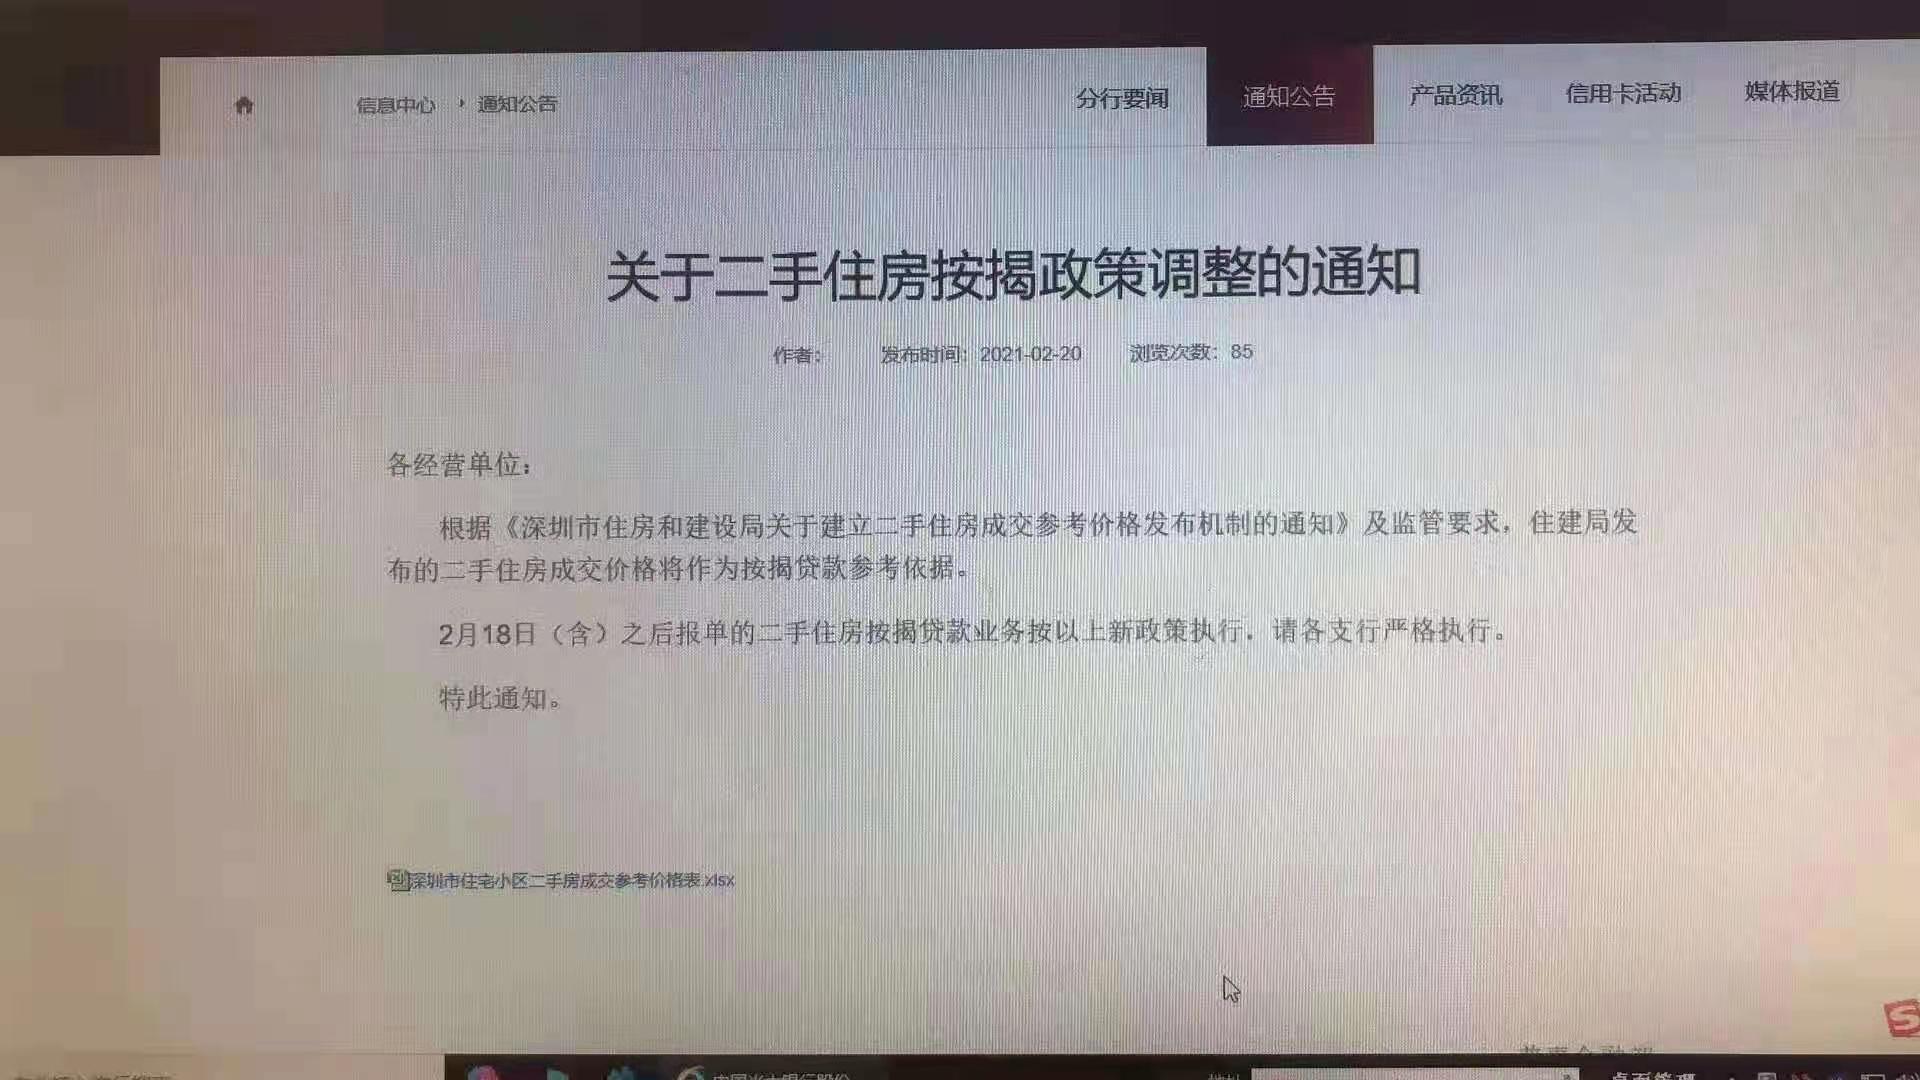 重磅!深圳有银行正式发文 将二手房参考价作为房贷审批依据